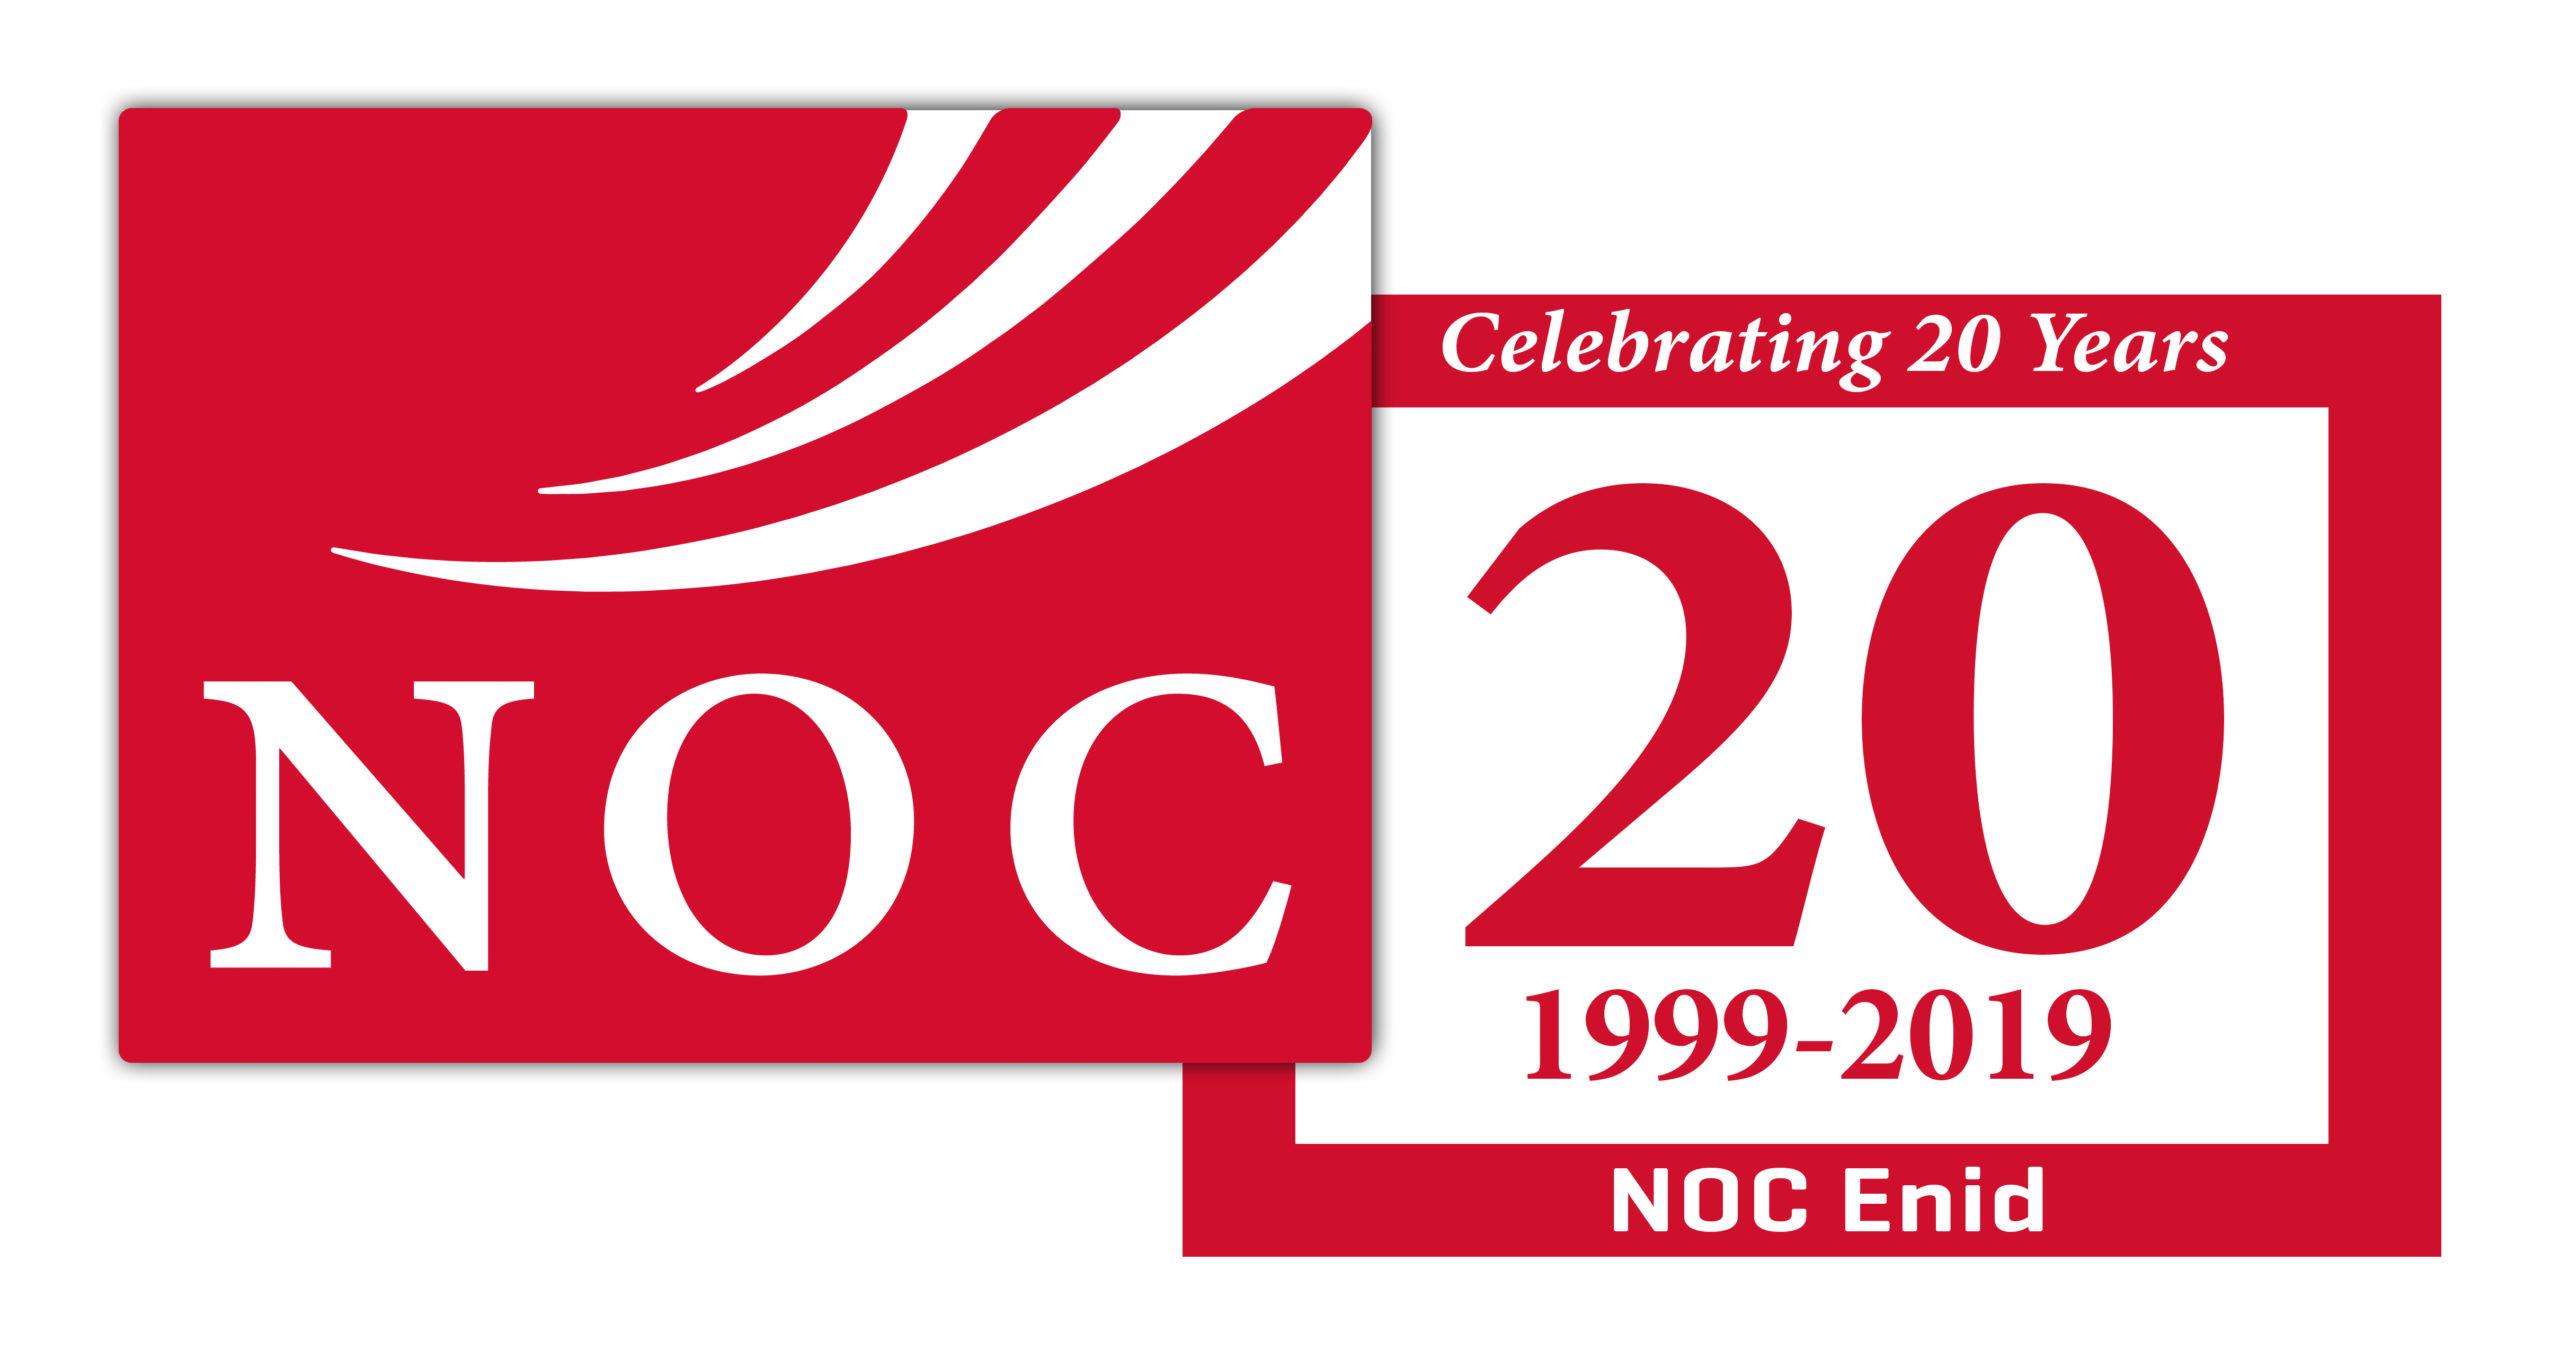 NOC 20 Year Logo